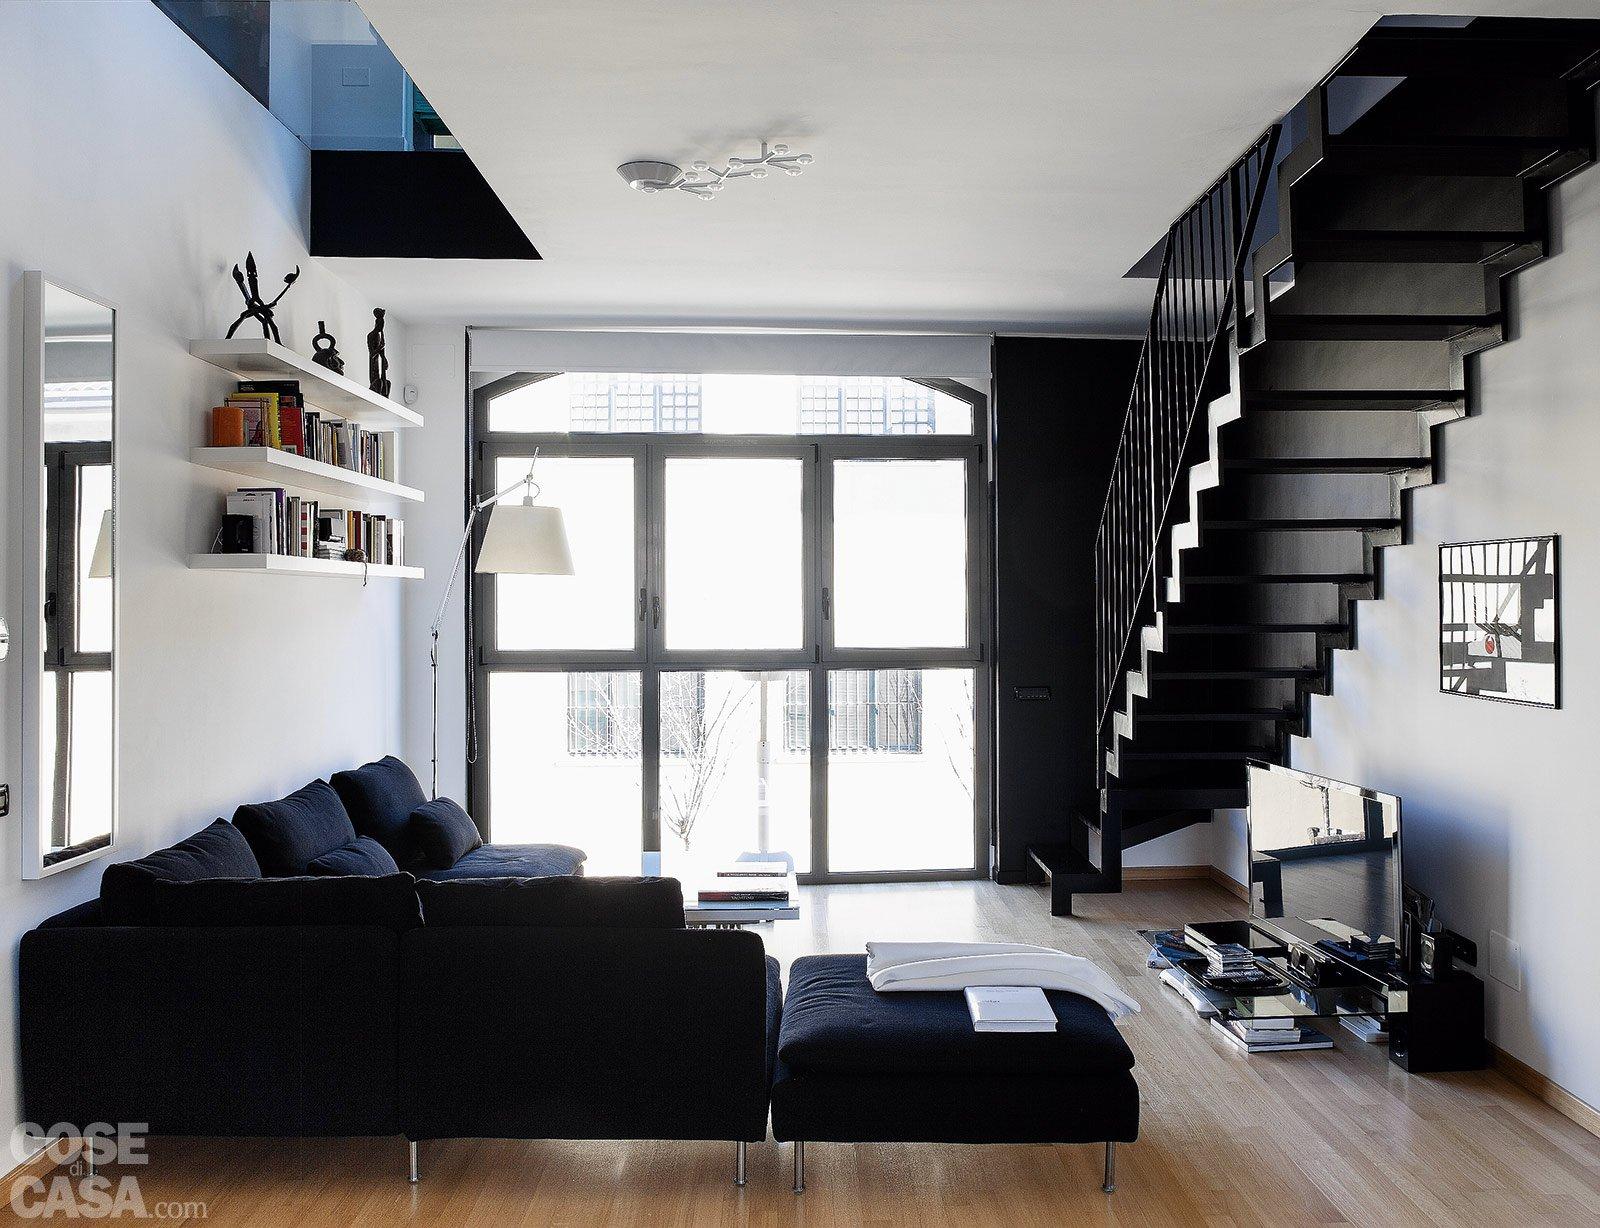 60 50 mq una casa con elementi a scomparsa cose di casa for Piani di casa per due casa di famiglia